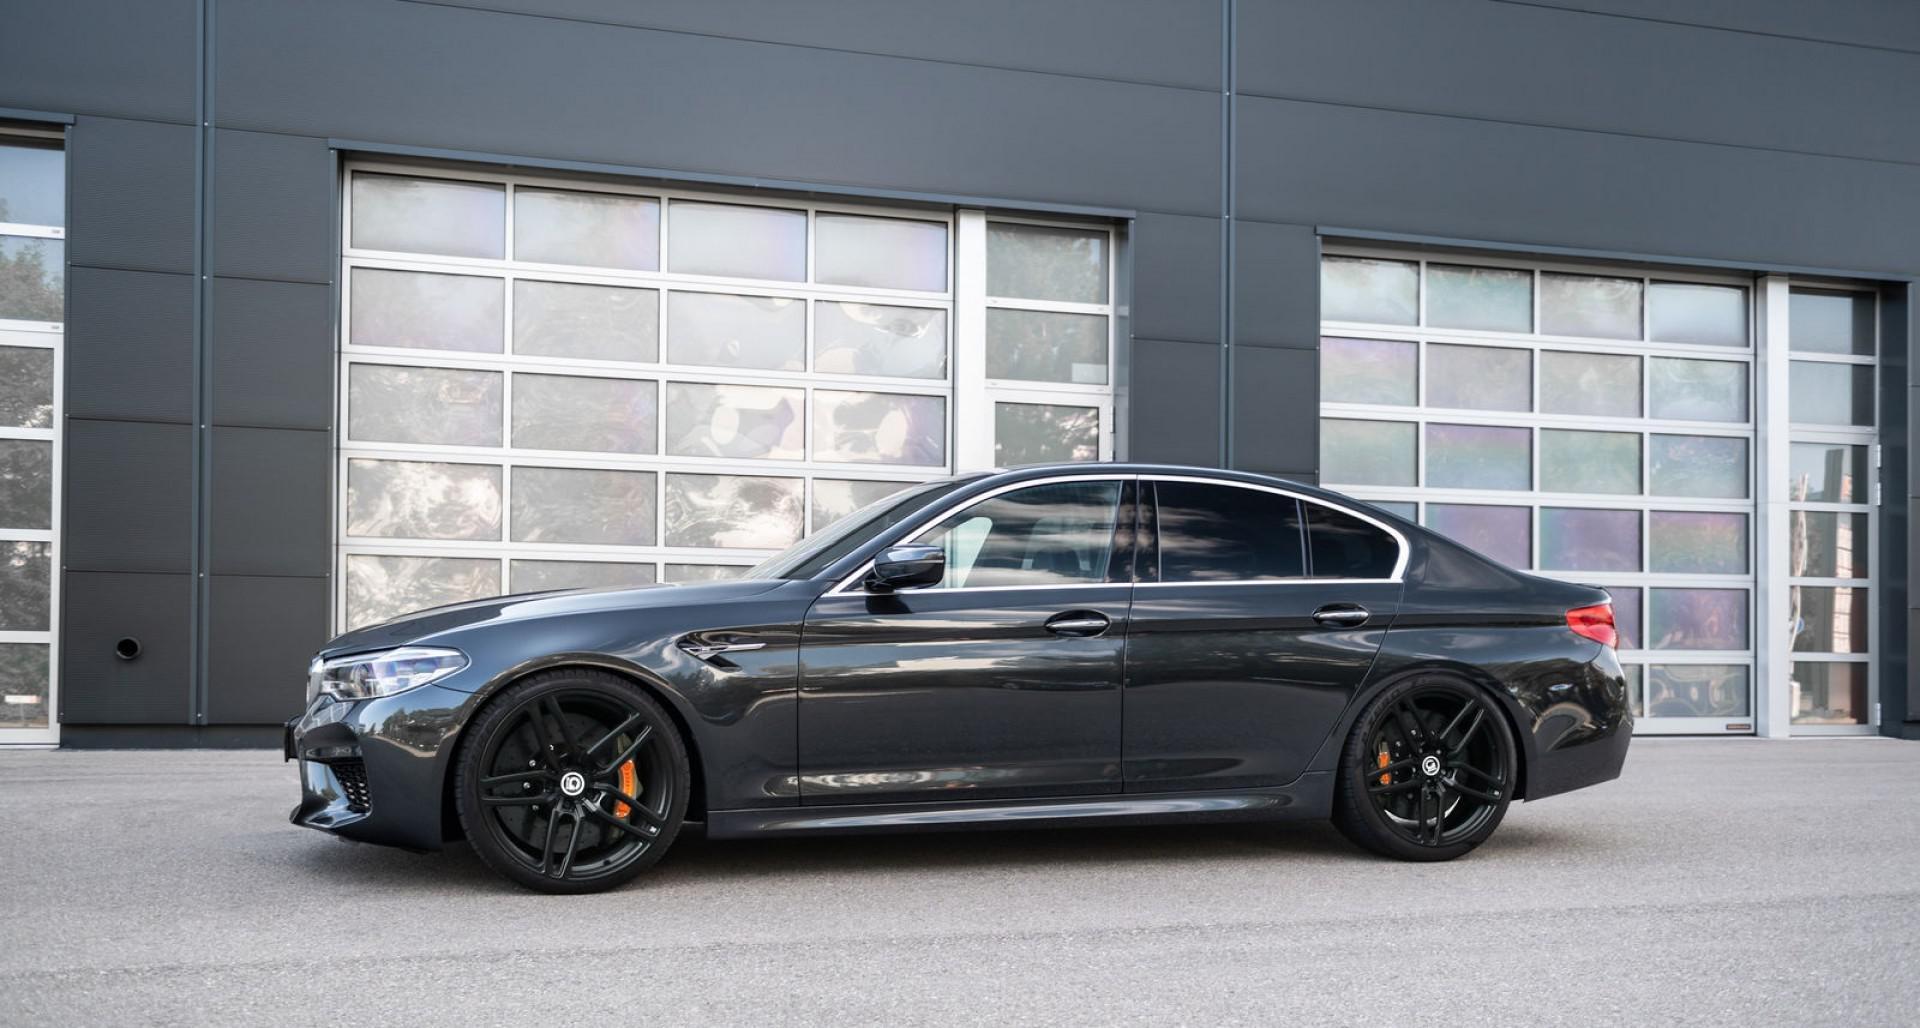 BMW M5 F90 G-POWER :  Berline de puissance avec les performances d'une super voiture de sport!